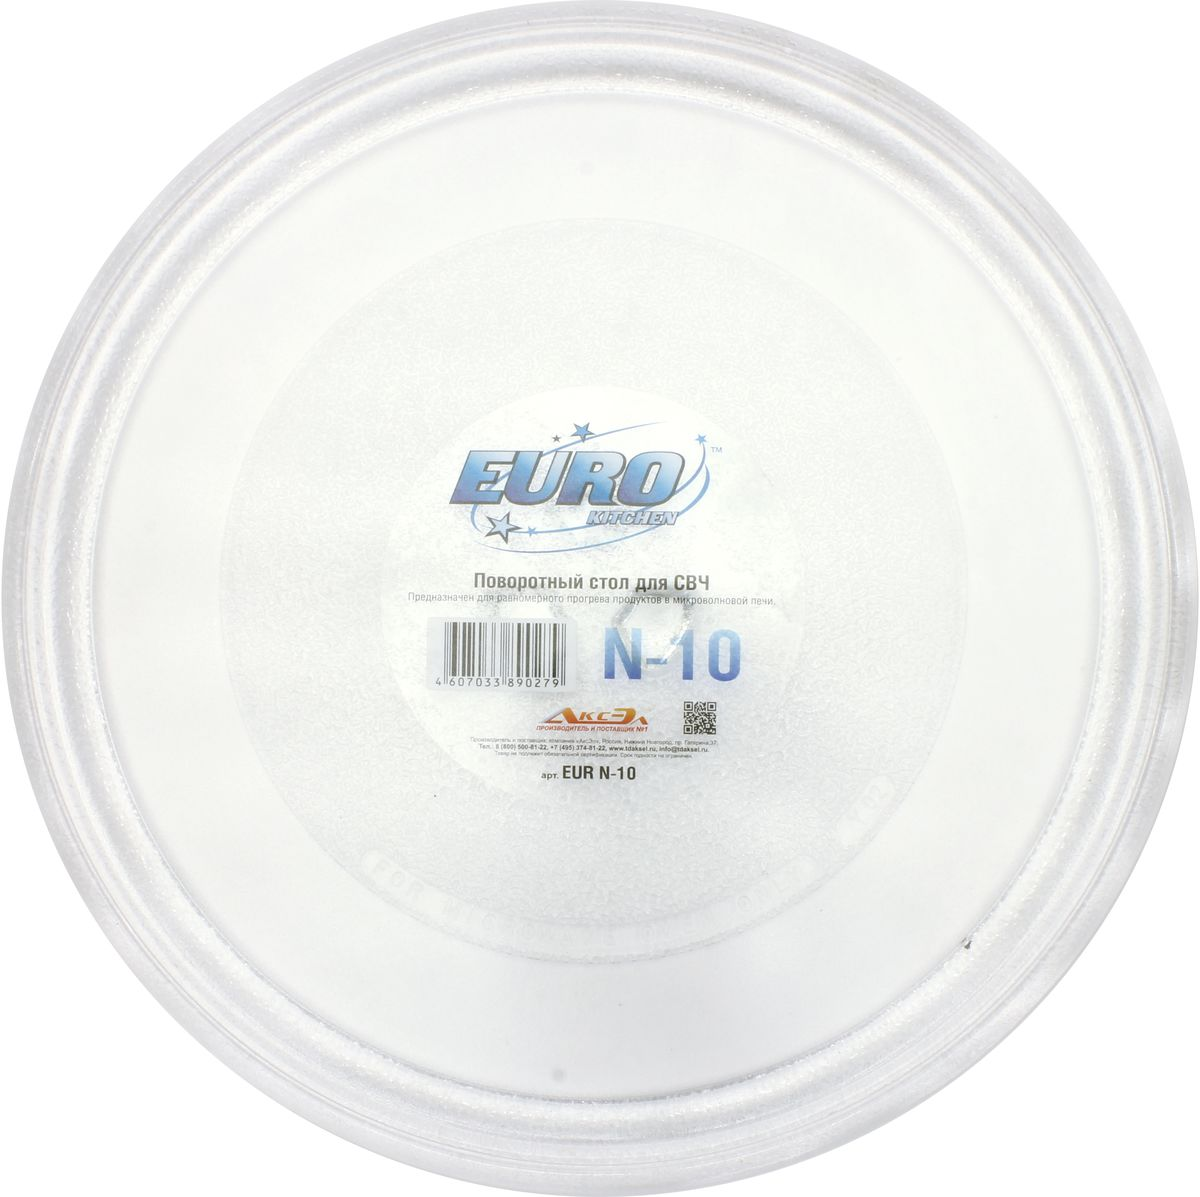 Euro Kitchen N-10 тарелка для СВЧ